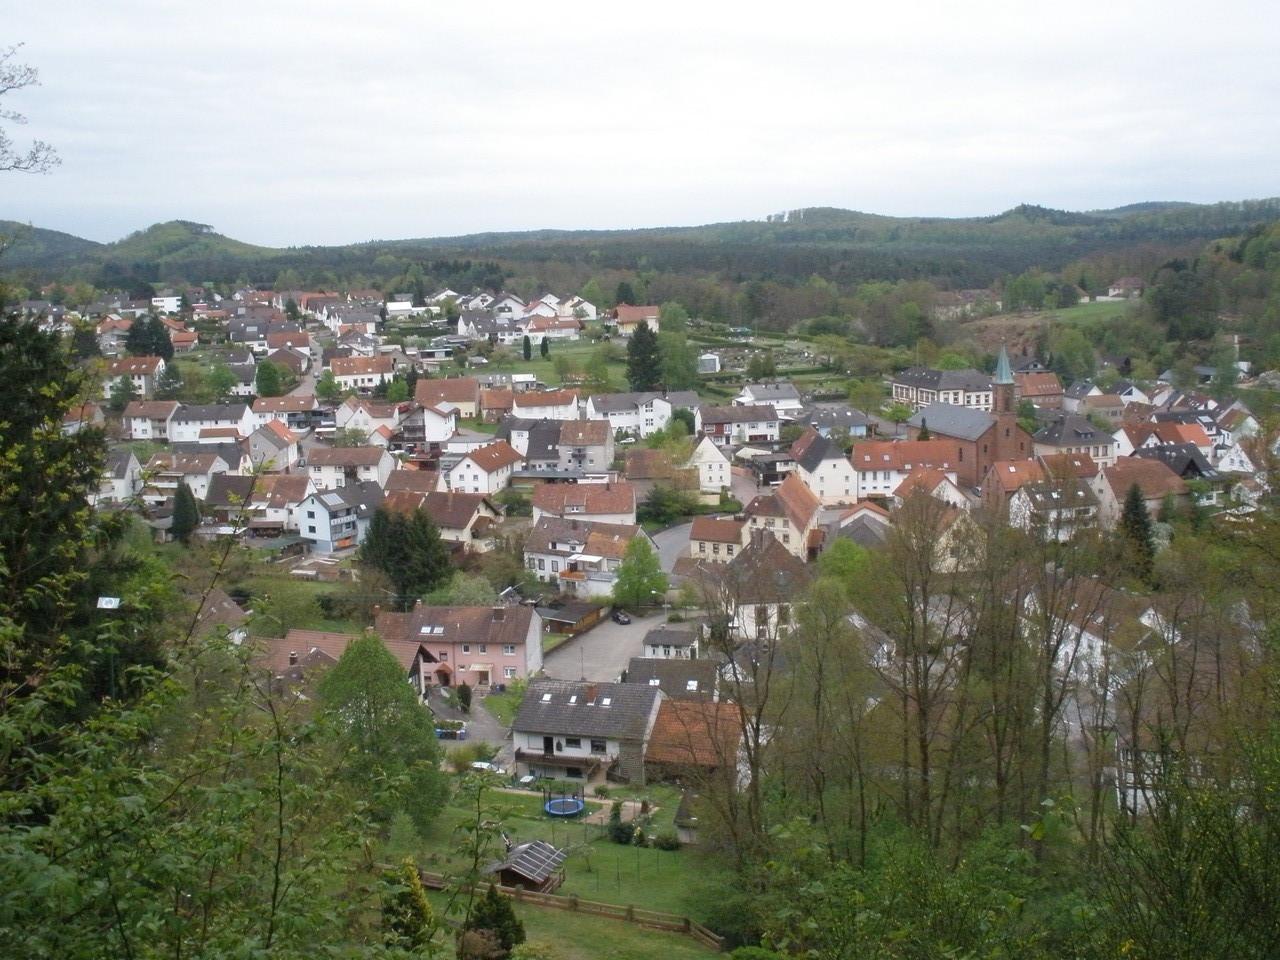 Eppenbrunn